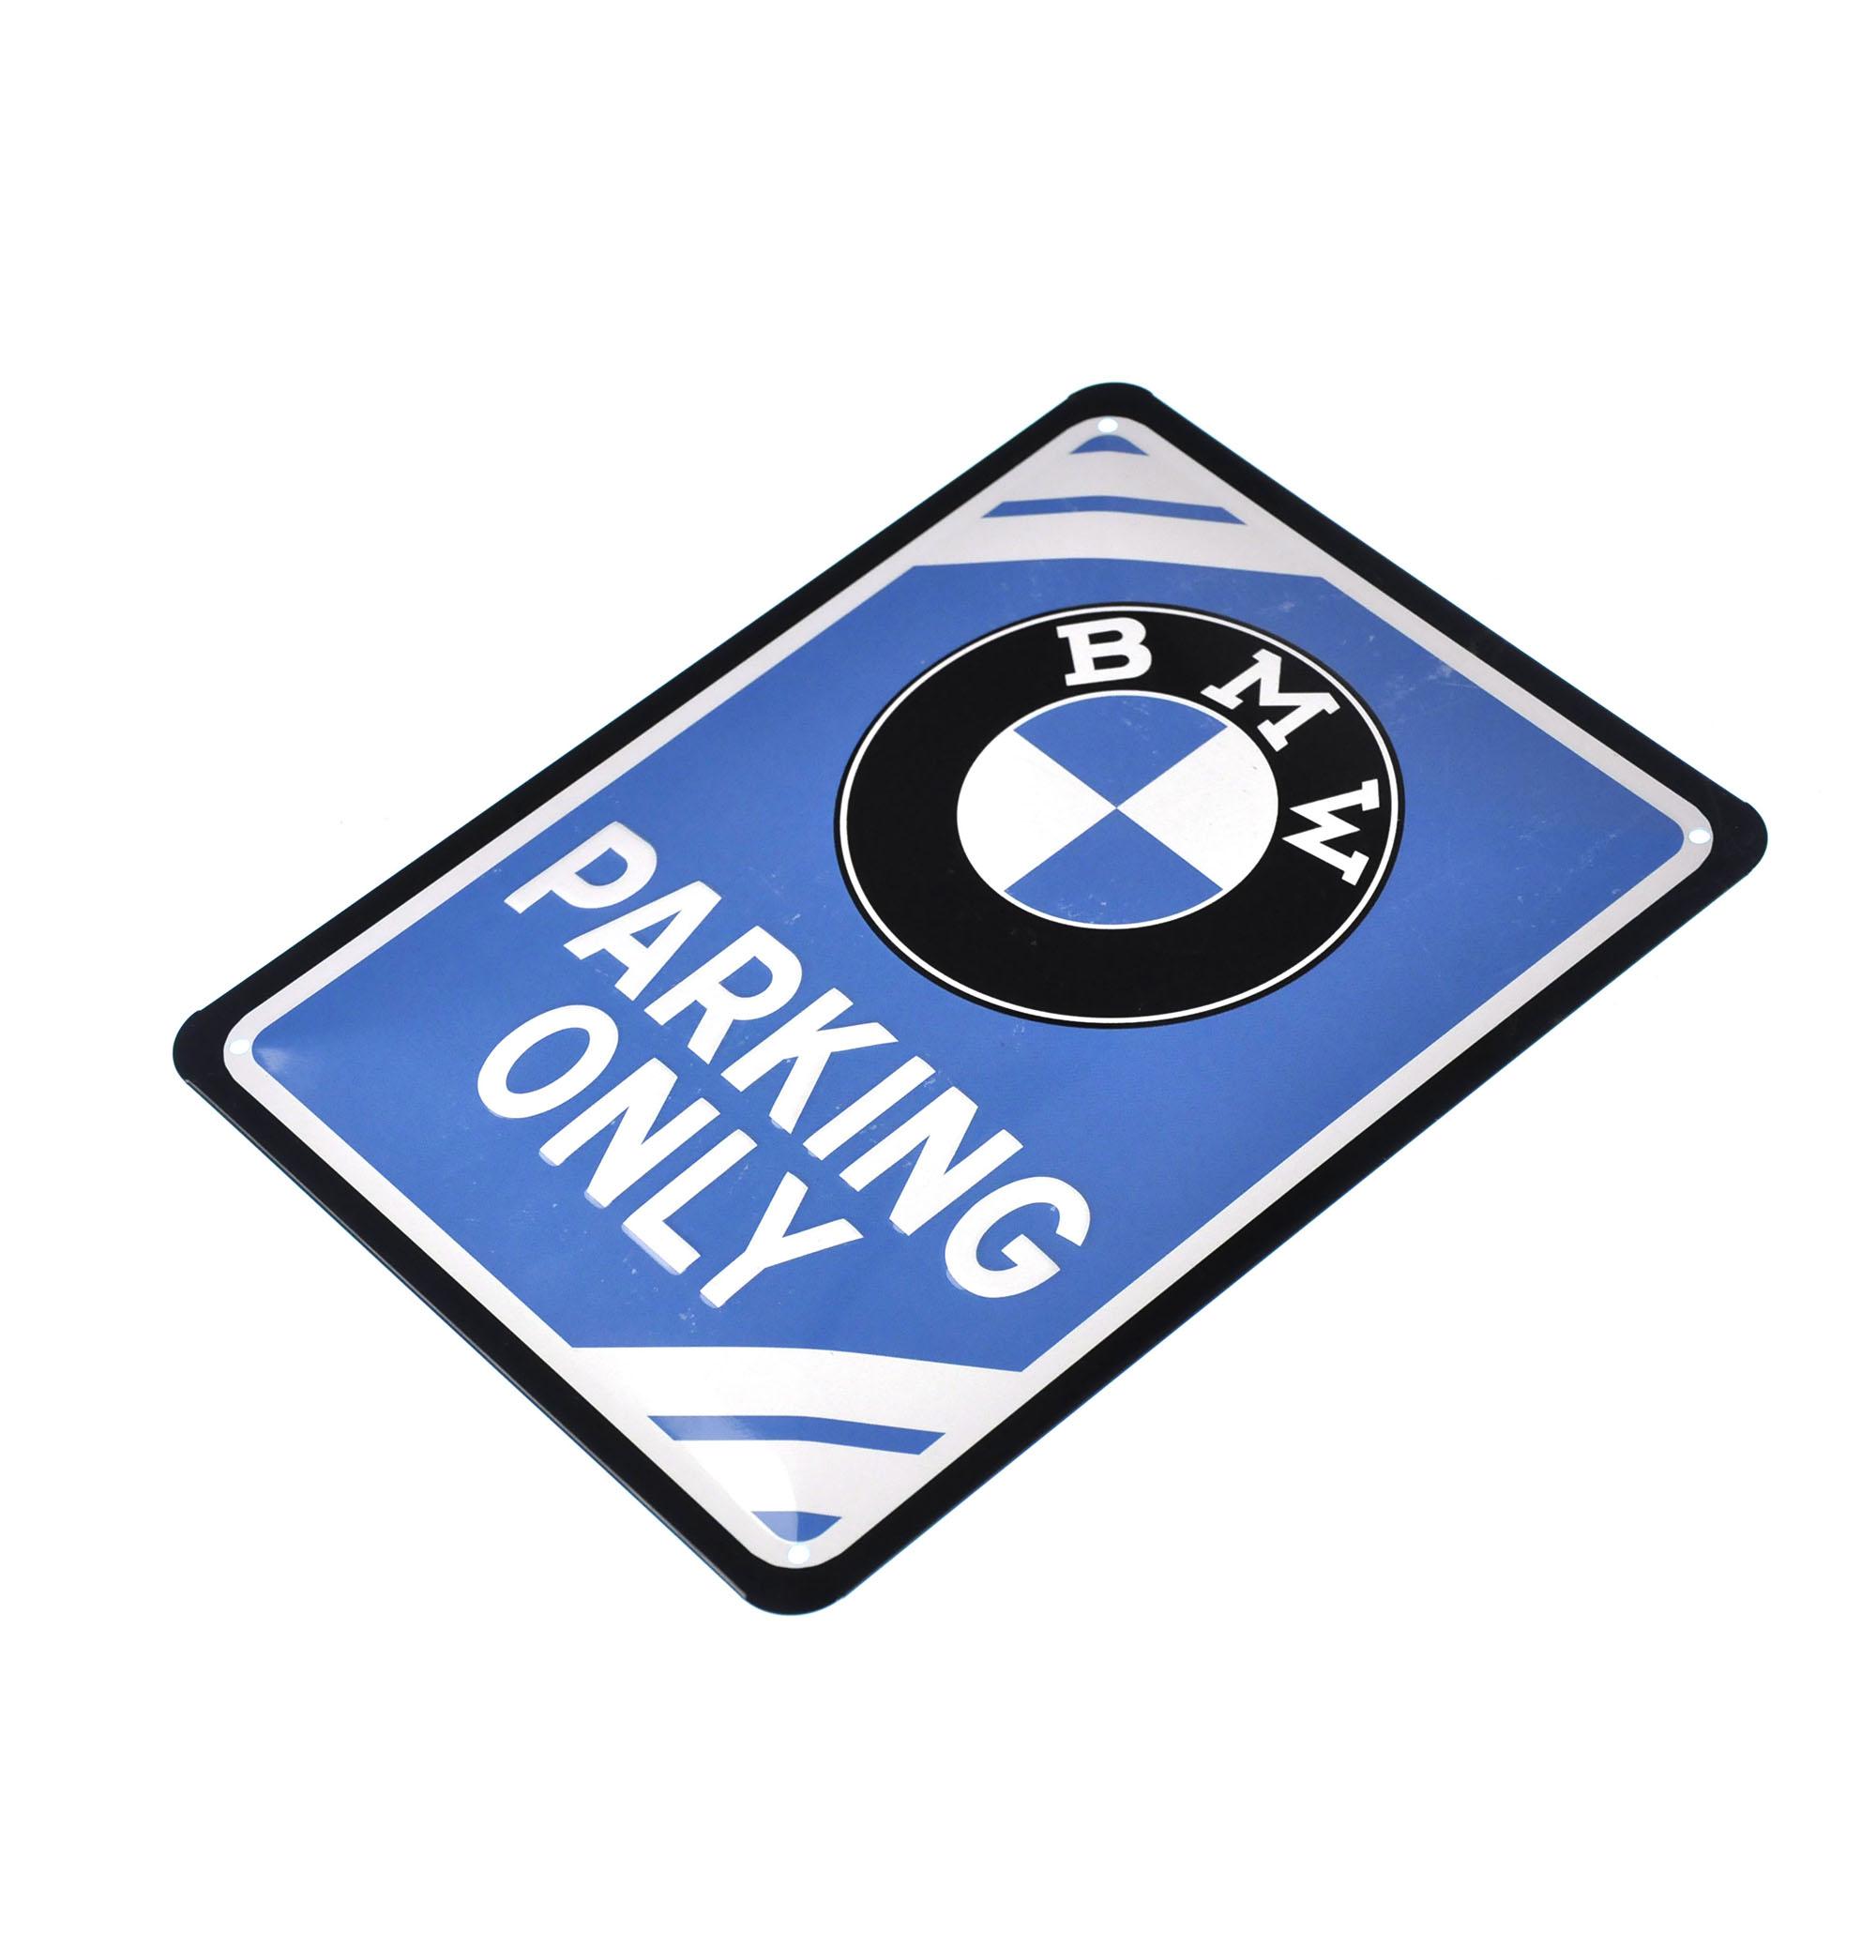 BMW APARCAMIENTO SÓLO Cartel De Metal EBay - Bmw parking only signs